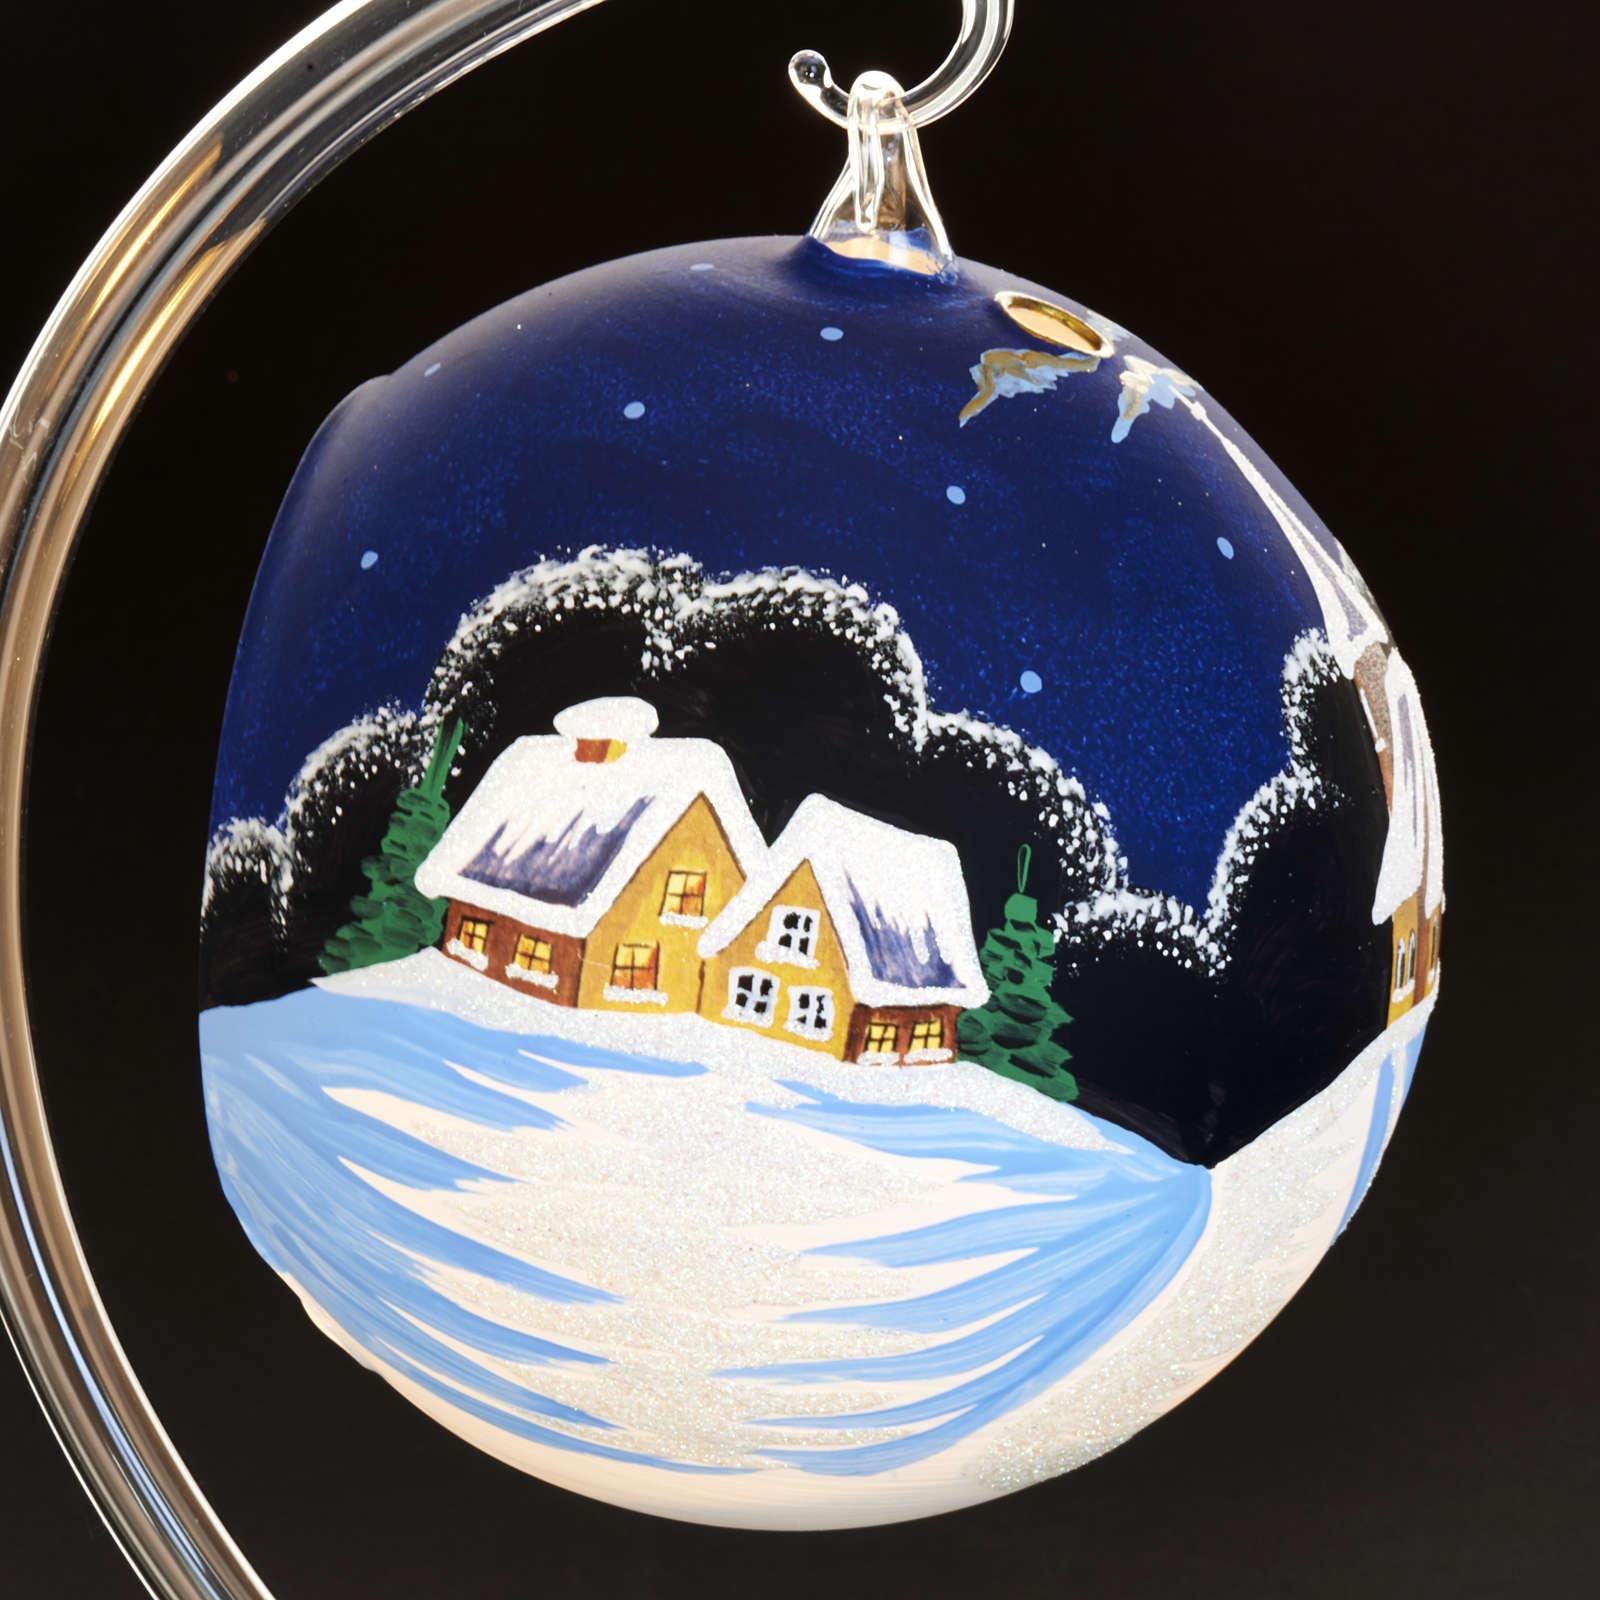 Vaso porta vela de Navidad pintado a mano pueblito con  nieve 3